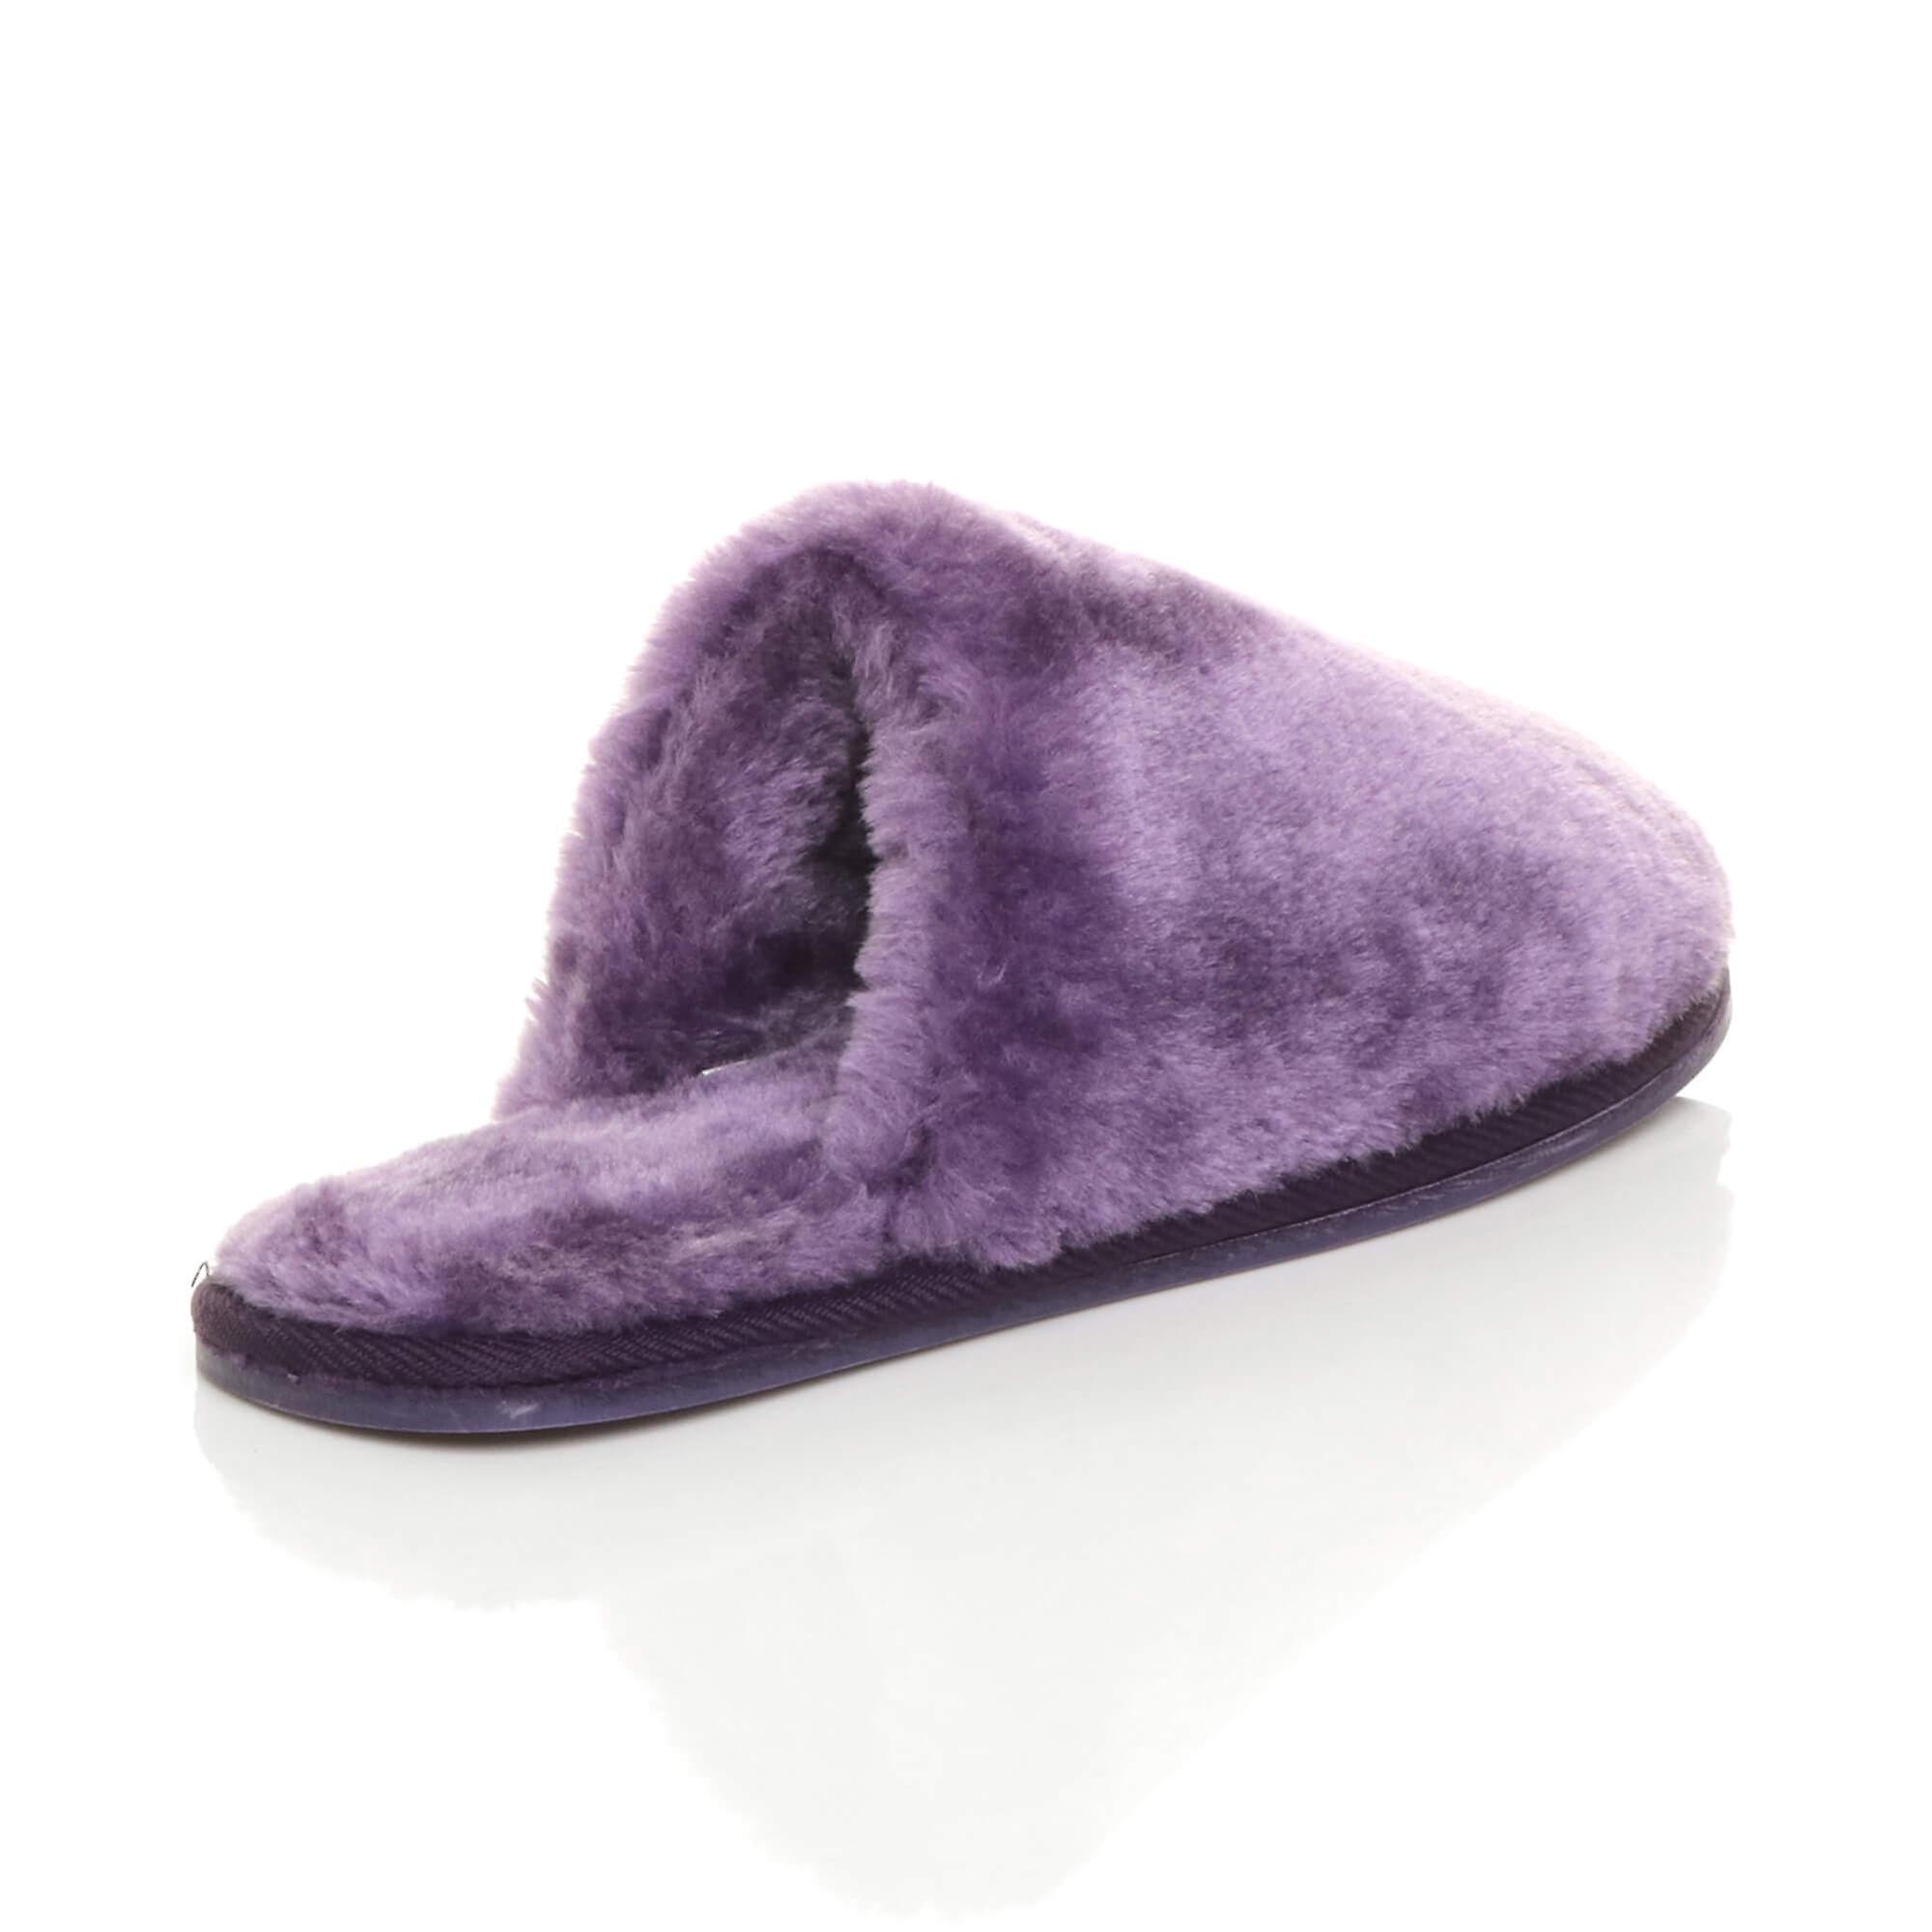 Ajvani womens plat hiver luxe confortable moelleux faux peau de mouton doublée de fourrure feuillet sur chaussons mules - Remise particulière